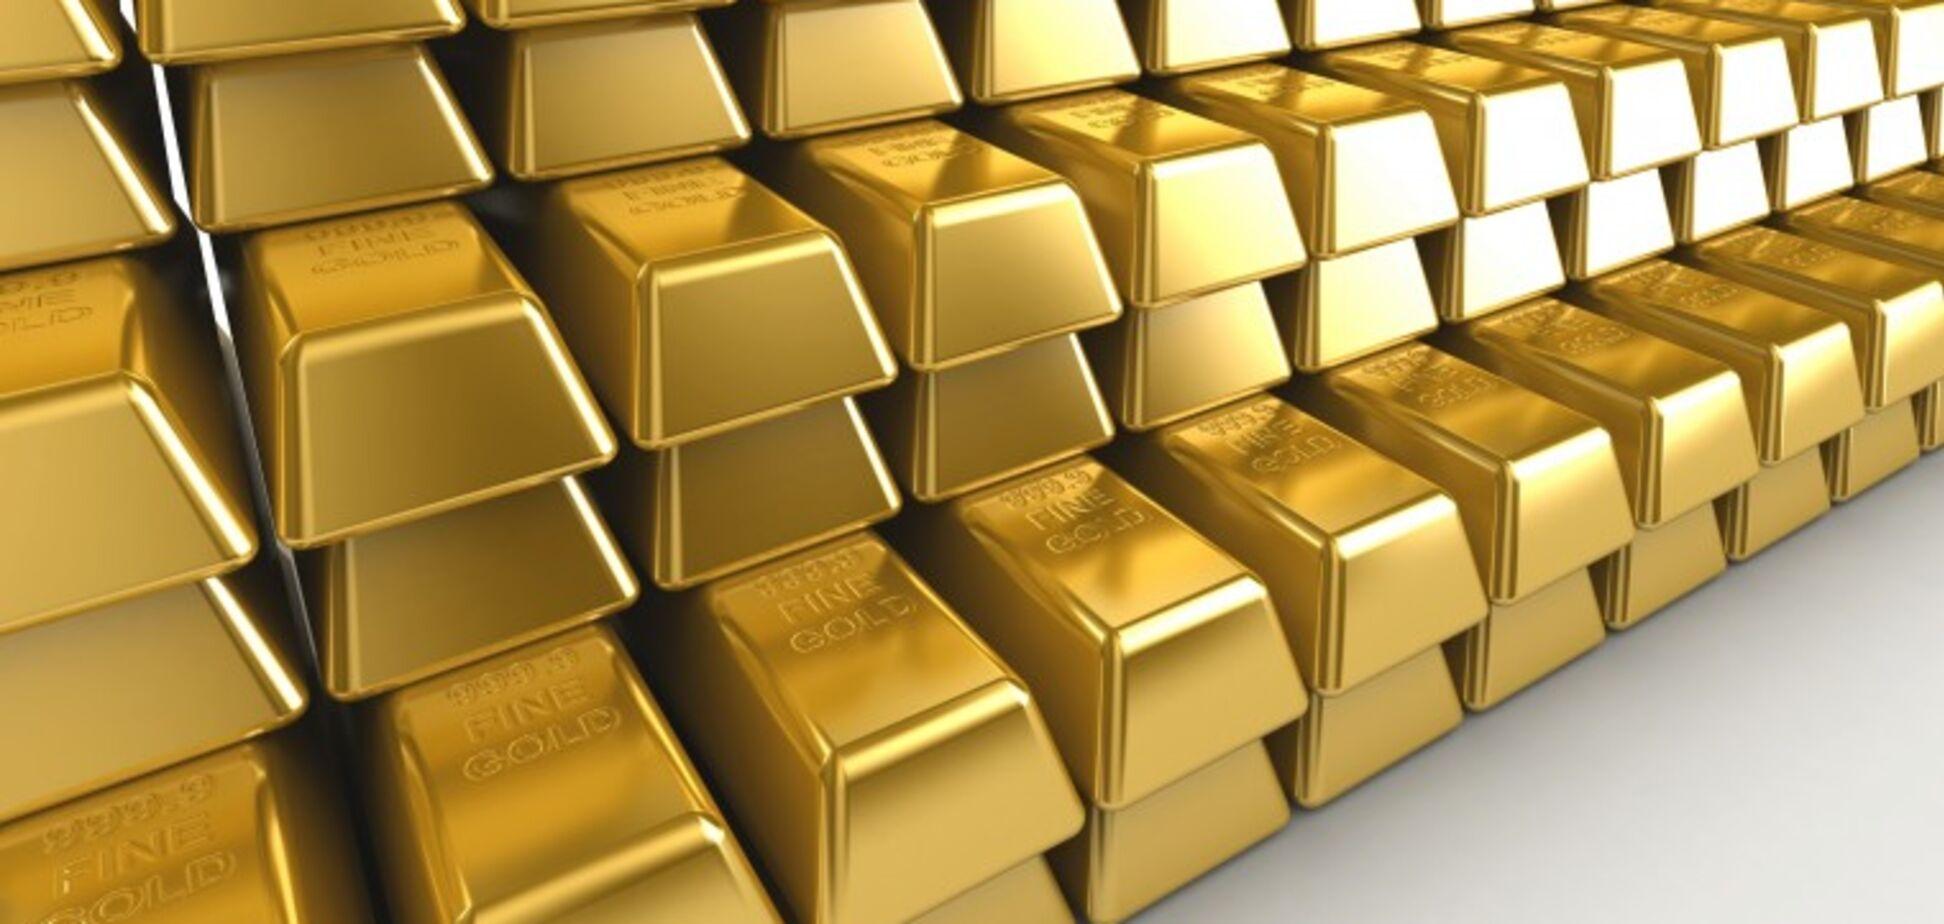 Полтонны украинского золота в Швейцарии: стало известно, кому принадлежит клад